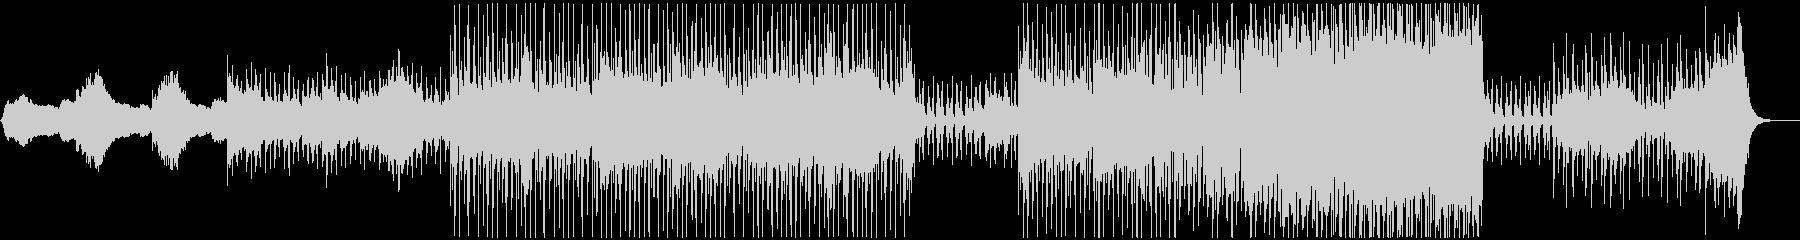 ダークで神秘的な曲の未再生の波形